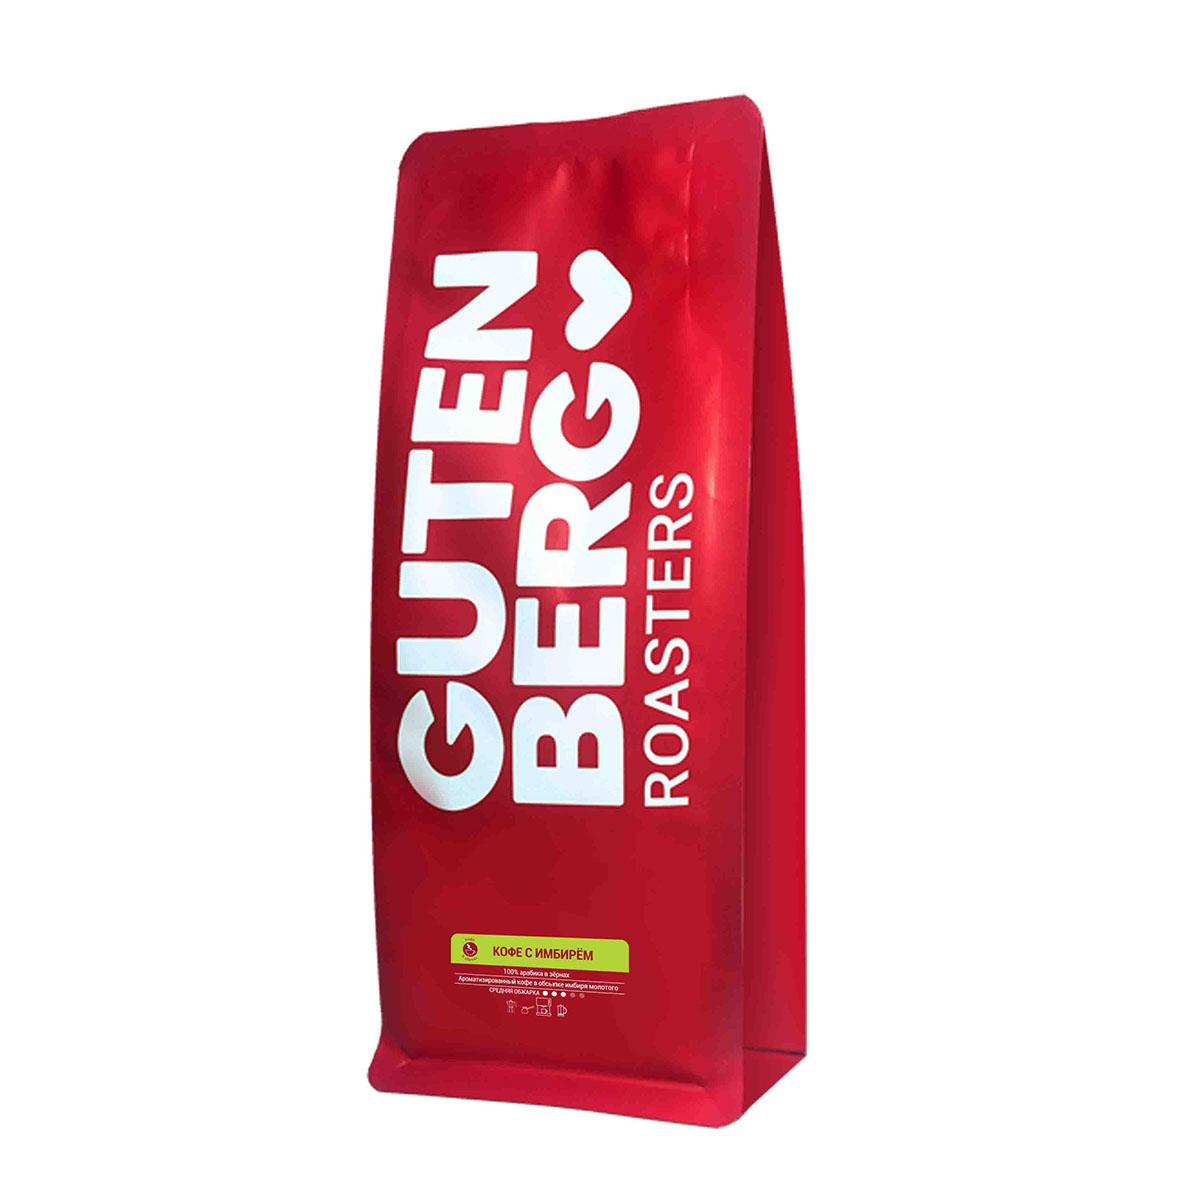 Кофе в зернах в обсыпке из имбиря, уп. 1 кг hausbrandt кофе в зернах гурмэ 1 кг вакуумная упаковка 560 hausbrandt